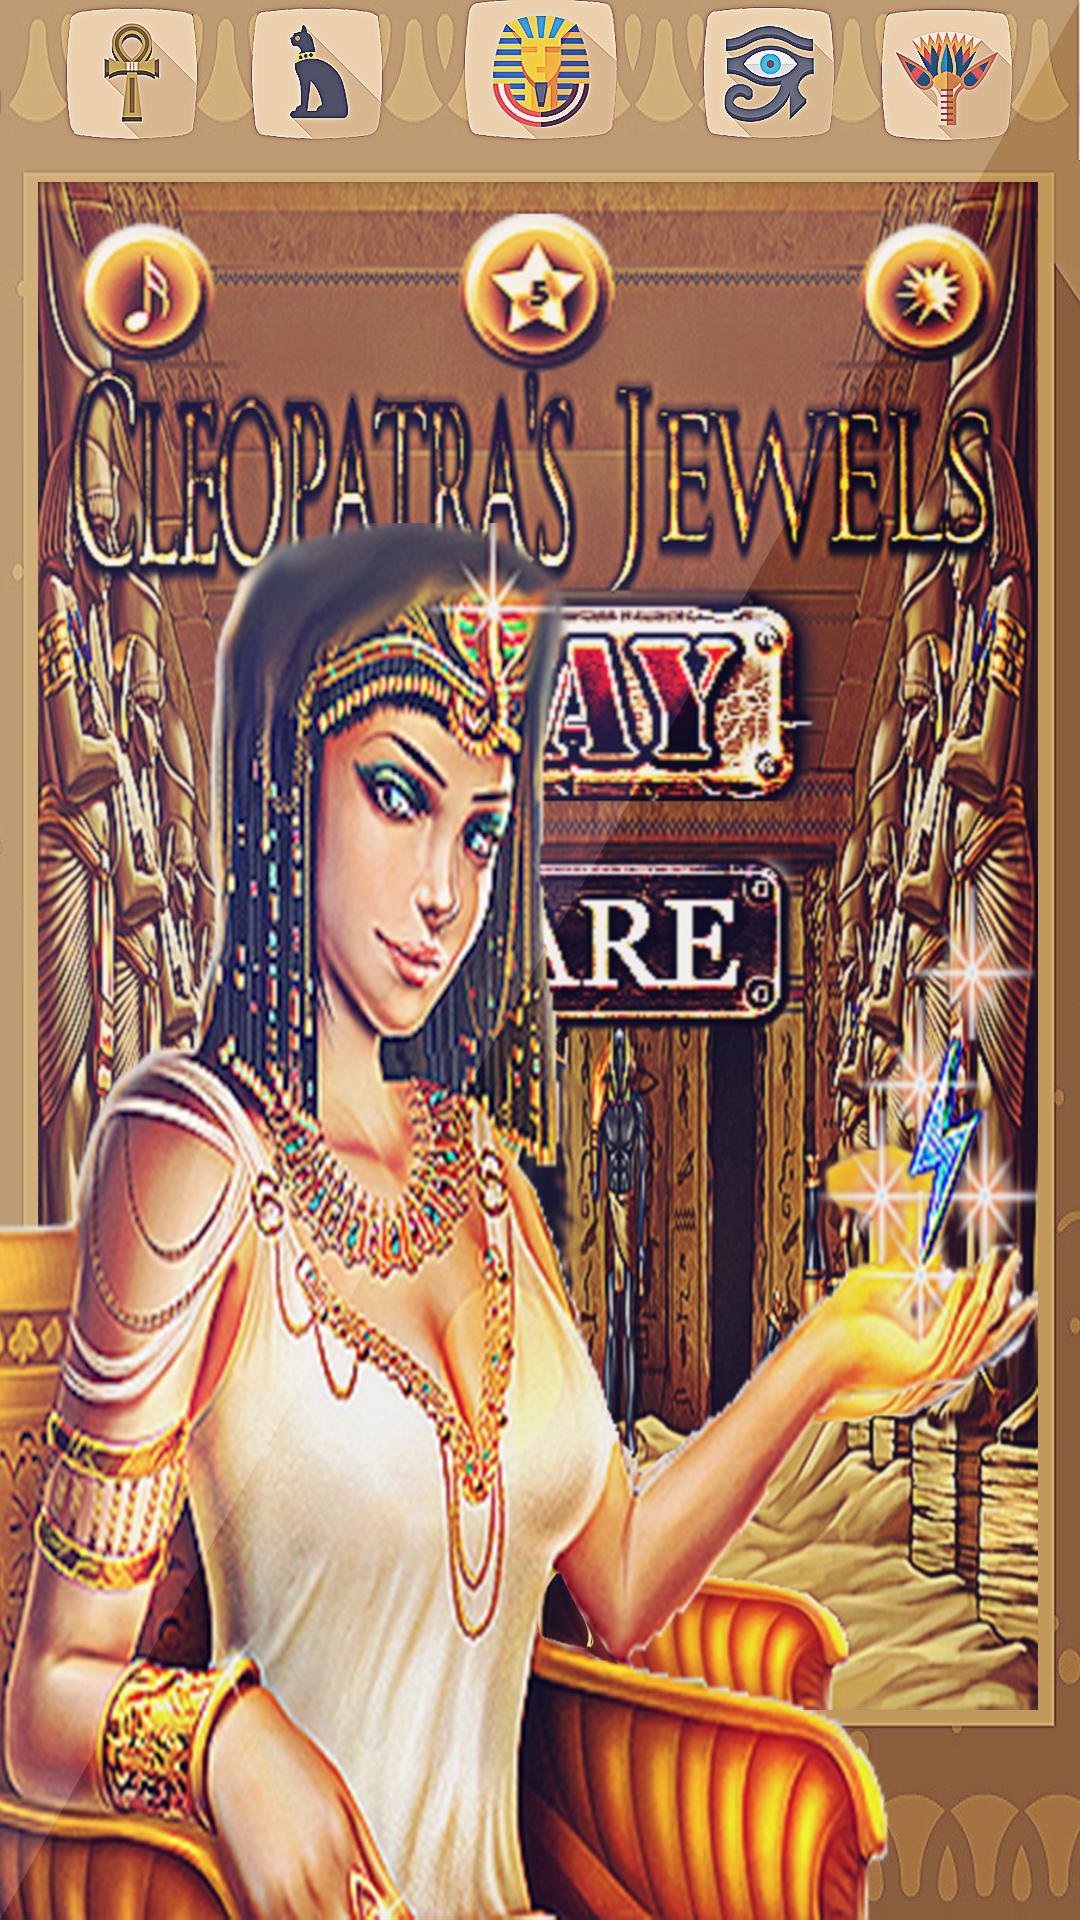 Cleopatra's Jewels Quest Saga